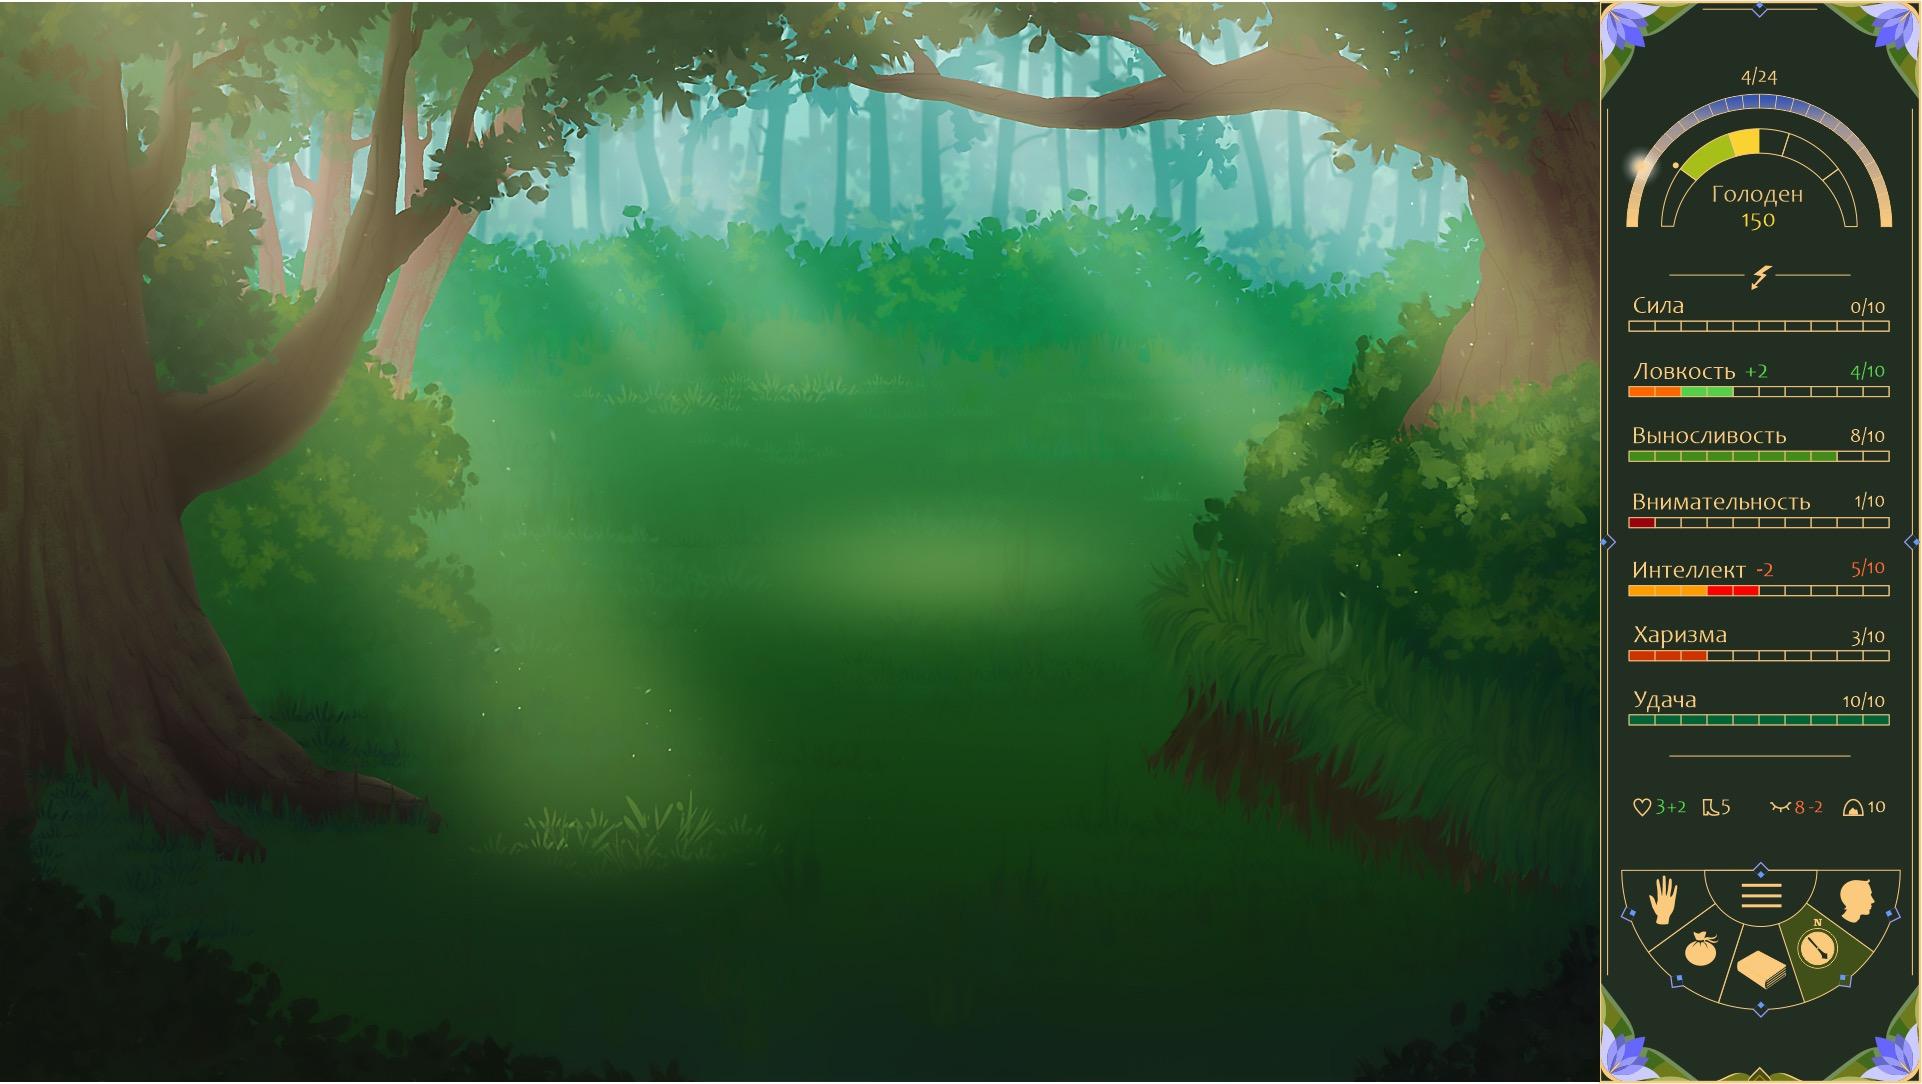 Общий вид интерфейса игры | Продолжается набор в команду для разработки игры «Нирмита»: 2D Survival RPG в стиле Fantasy